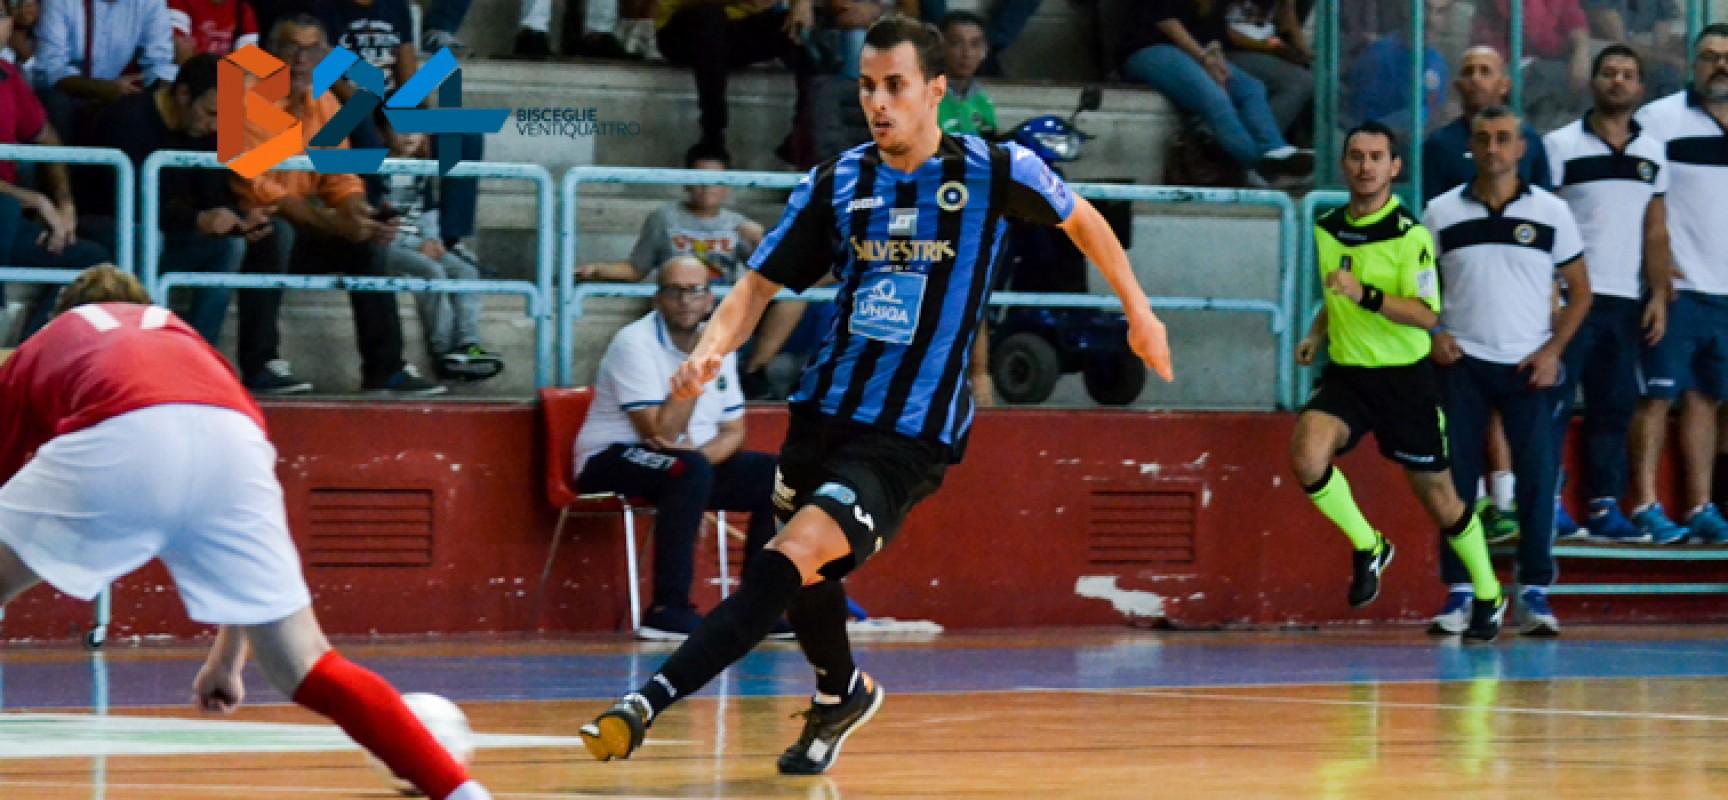 Futsal Bisceglie: il tabù Augusta continua, prima sconfitta interna stagionale